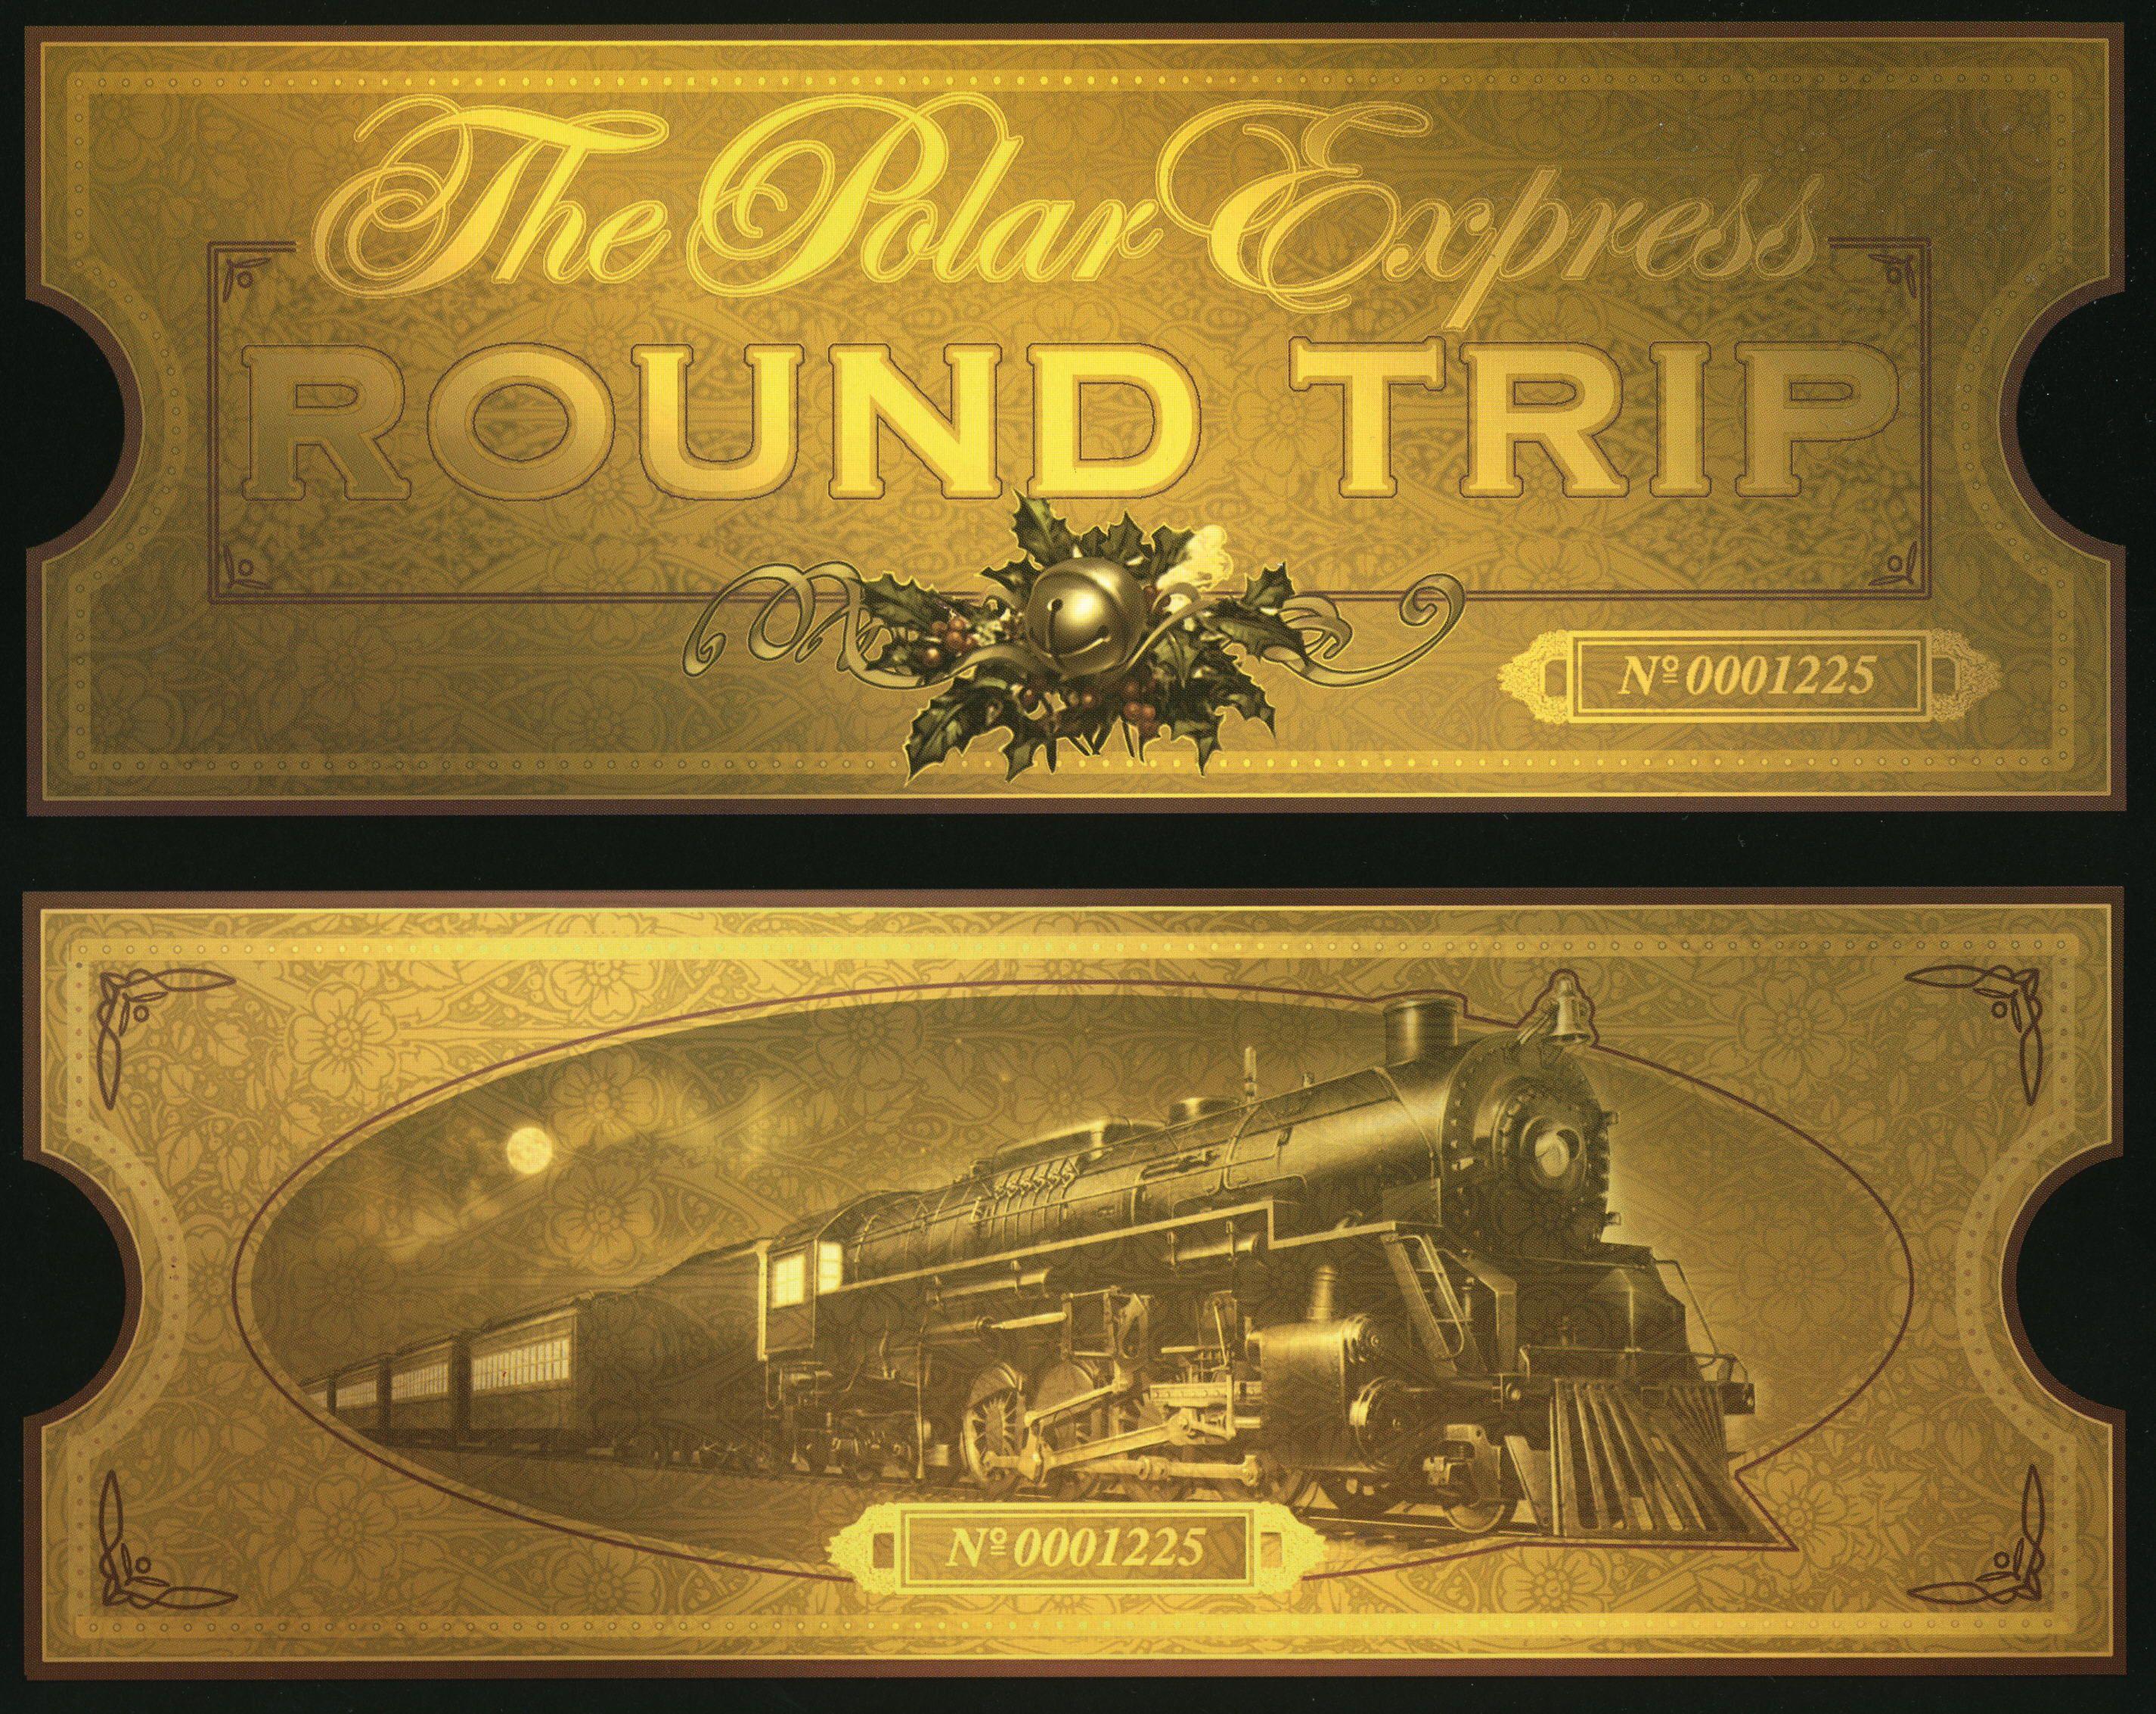 Polar Express Ticket Image Polar Express Party Polar Express Tickets Polar Express Theme